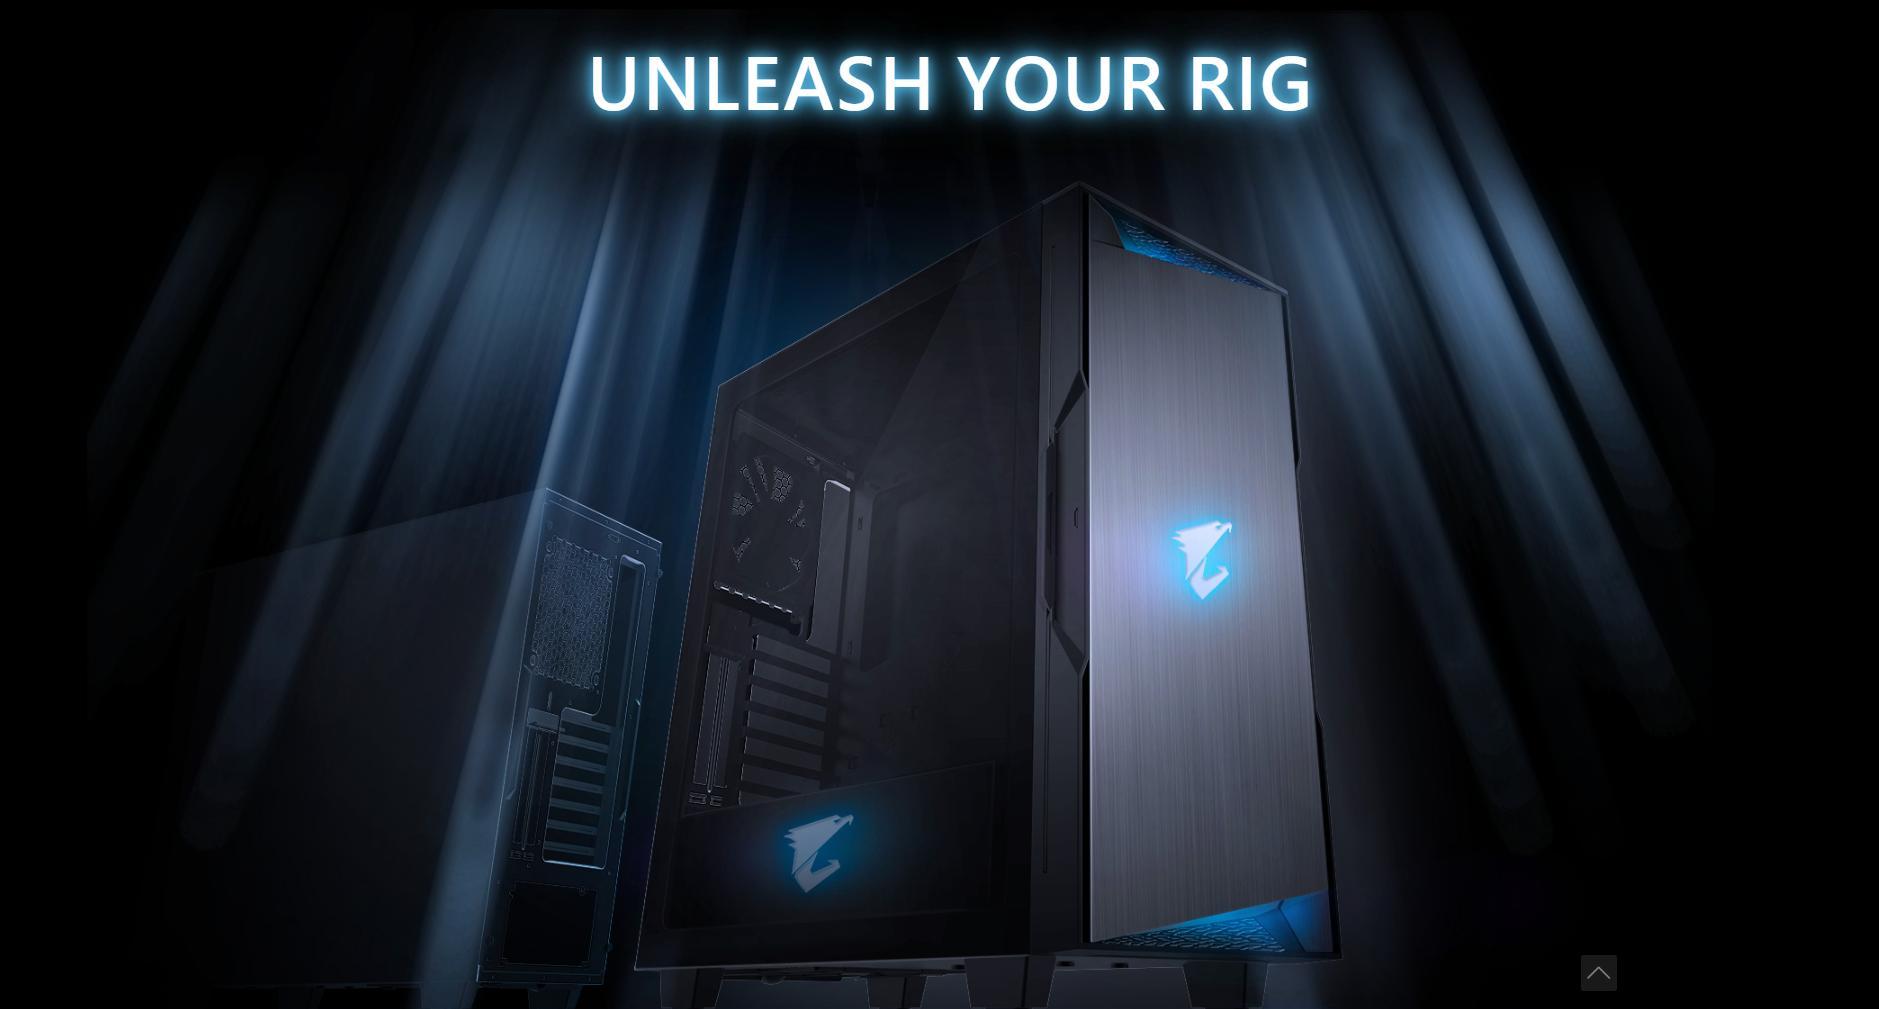 Vỏ Case Gigabyte GB-AC300G Tempered Glass Gaming (Mid Tower/Màu Đen/Led RGB) thiết kế vô cùng đẹp mắt